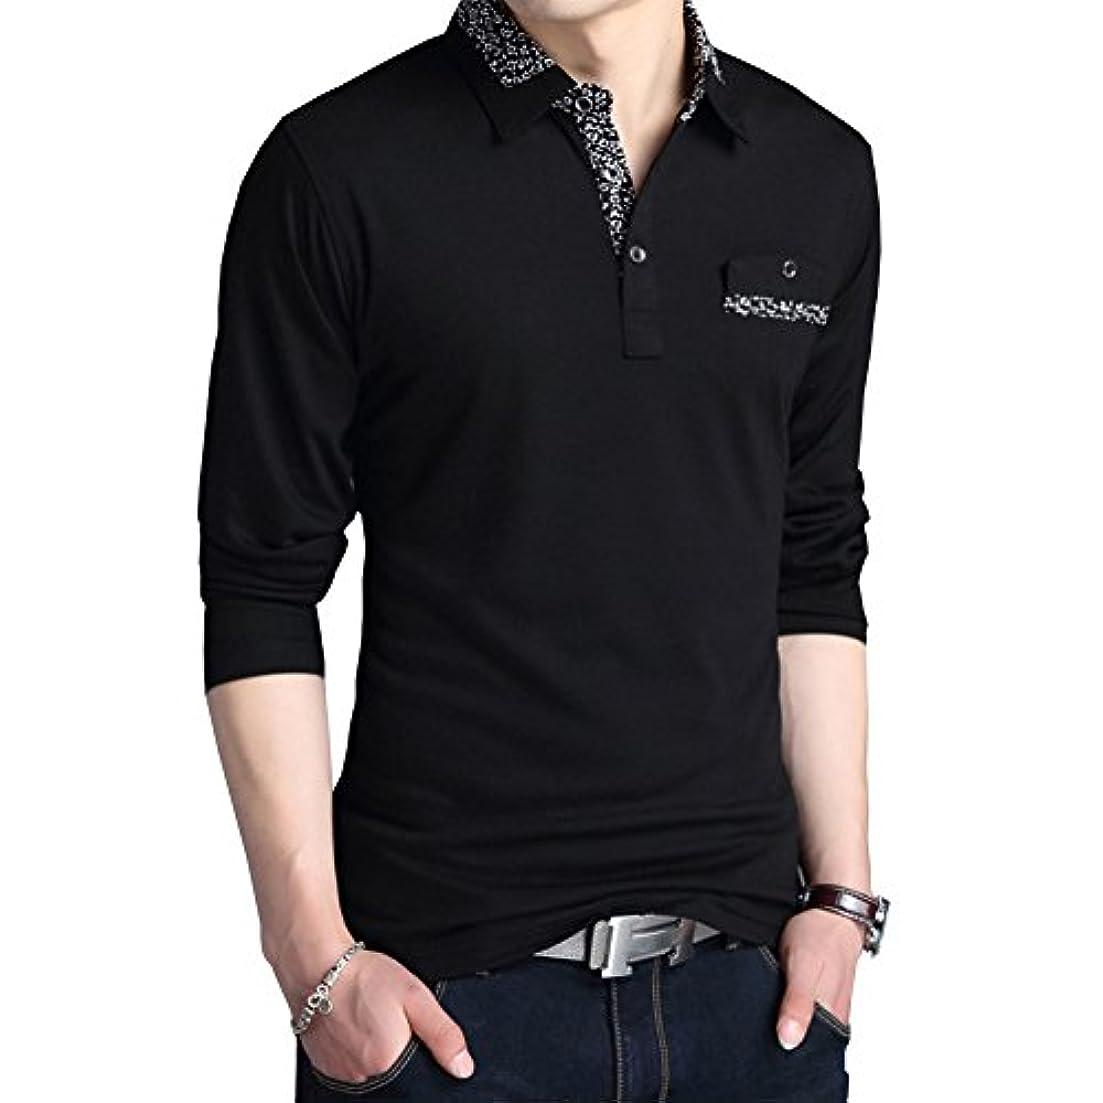 別々に調査教義YFFUSHI メンズ ポロシャツ tシャツ ゴルフウェア 長袖 全10色 M-3L 無地 綿 カジュアル お洒落 正規品 上質 フォーマル 大きいサイズ